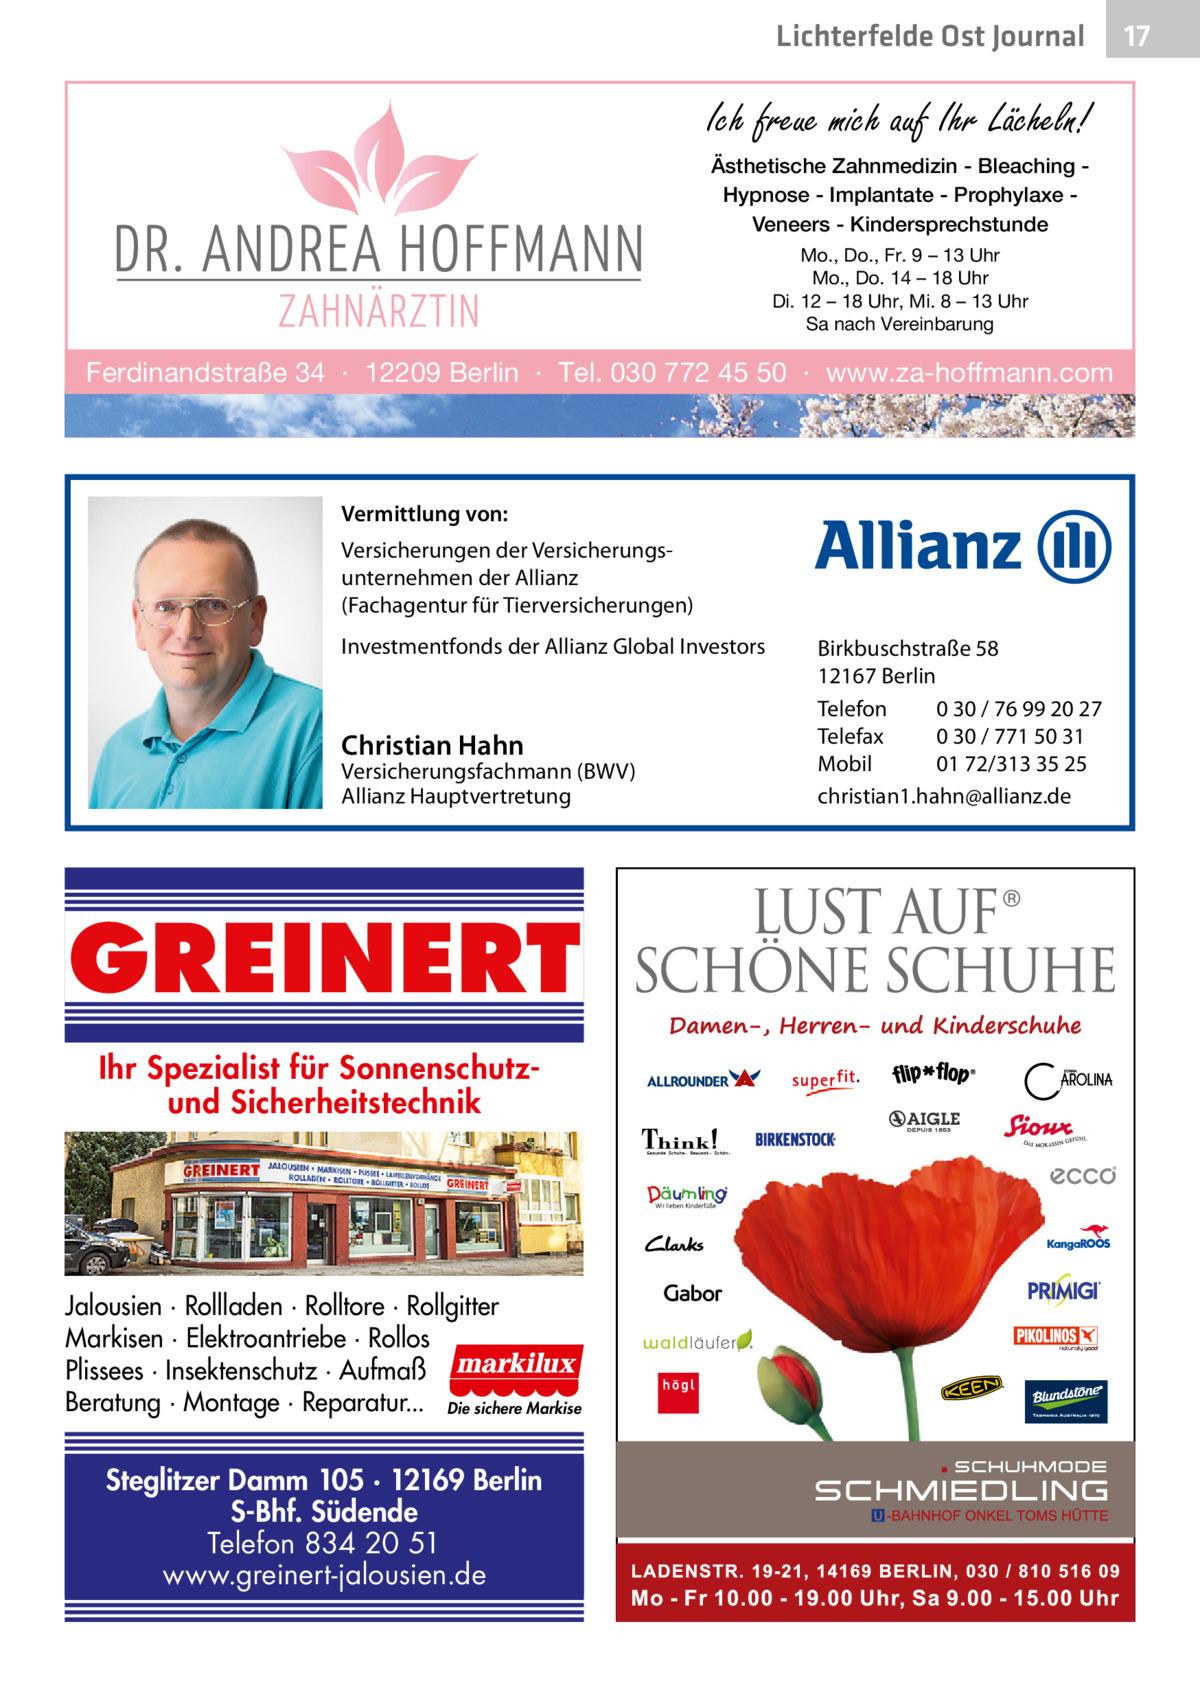 Lichterfelde Ost Journal  Ich freue mich auf Ihr Lächeln! Ästhetische Zahnmedizin - Bleaching Hypnose - Implantate - Prophylaxe Veneers - Kindersprechstunde Mo., Do., Fr. 9 – 13 Uhr Mo., Do. 14 – 18 Uhr Di. 12 – 18 Uhr, Mi. 8 – 13 Uhr Sa nach Vereinbarung  Ferdinandstraße 34 · 12209 Berlin · Tel. 030 772 45 50 · www.za-hoffmann.com  Vermittlung von: Versicherungen der Versicherungsunternehmen der Allianz (Fachagentur für Tierversicherungen) Investmentfonds der Allianz Global Investors  Christian Hahn  Versicherungsfachmann (BWV) Allianz Hauptvertretung  GREINERT Ihr Spezialist für Sonnenschutzund Sicherheitstechnik  Jalousien · Rollladen · Rolltore · Rollgitter Markisen · Elektroantriebe · Rollos Plissees · Insektenschutz · Aufmaß Beratung · Montage · Reparatur... Die sichere Markise  Steglitzer Damm 105 · 12169 Berlin S-Bhf. Südende Telefon 834 20 51 www.greinert-jalousien.de  Birkbuschstraße 58 12167 Berlin Telefon 0 30 / 76 99 20 27 Telefax 0 30 / 771 50 31 Mobil 01 72/313 35 25 christian1.hahn@allianz.de  17 17